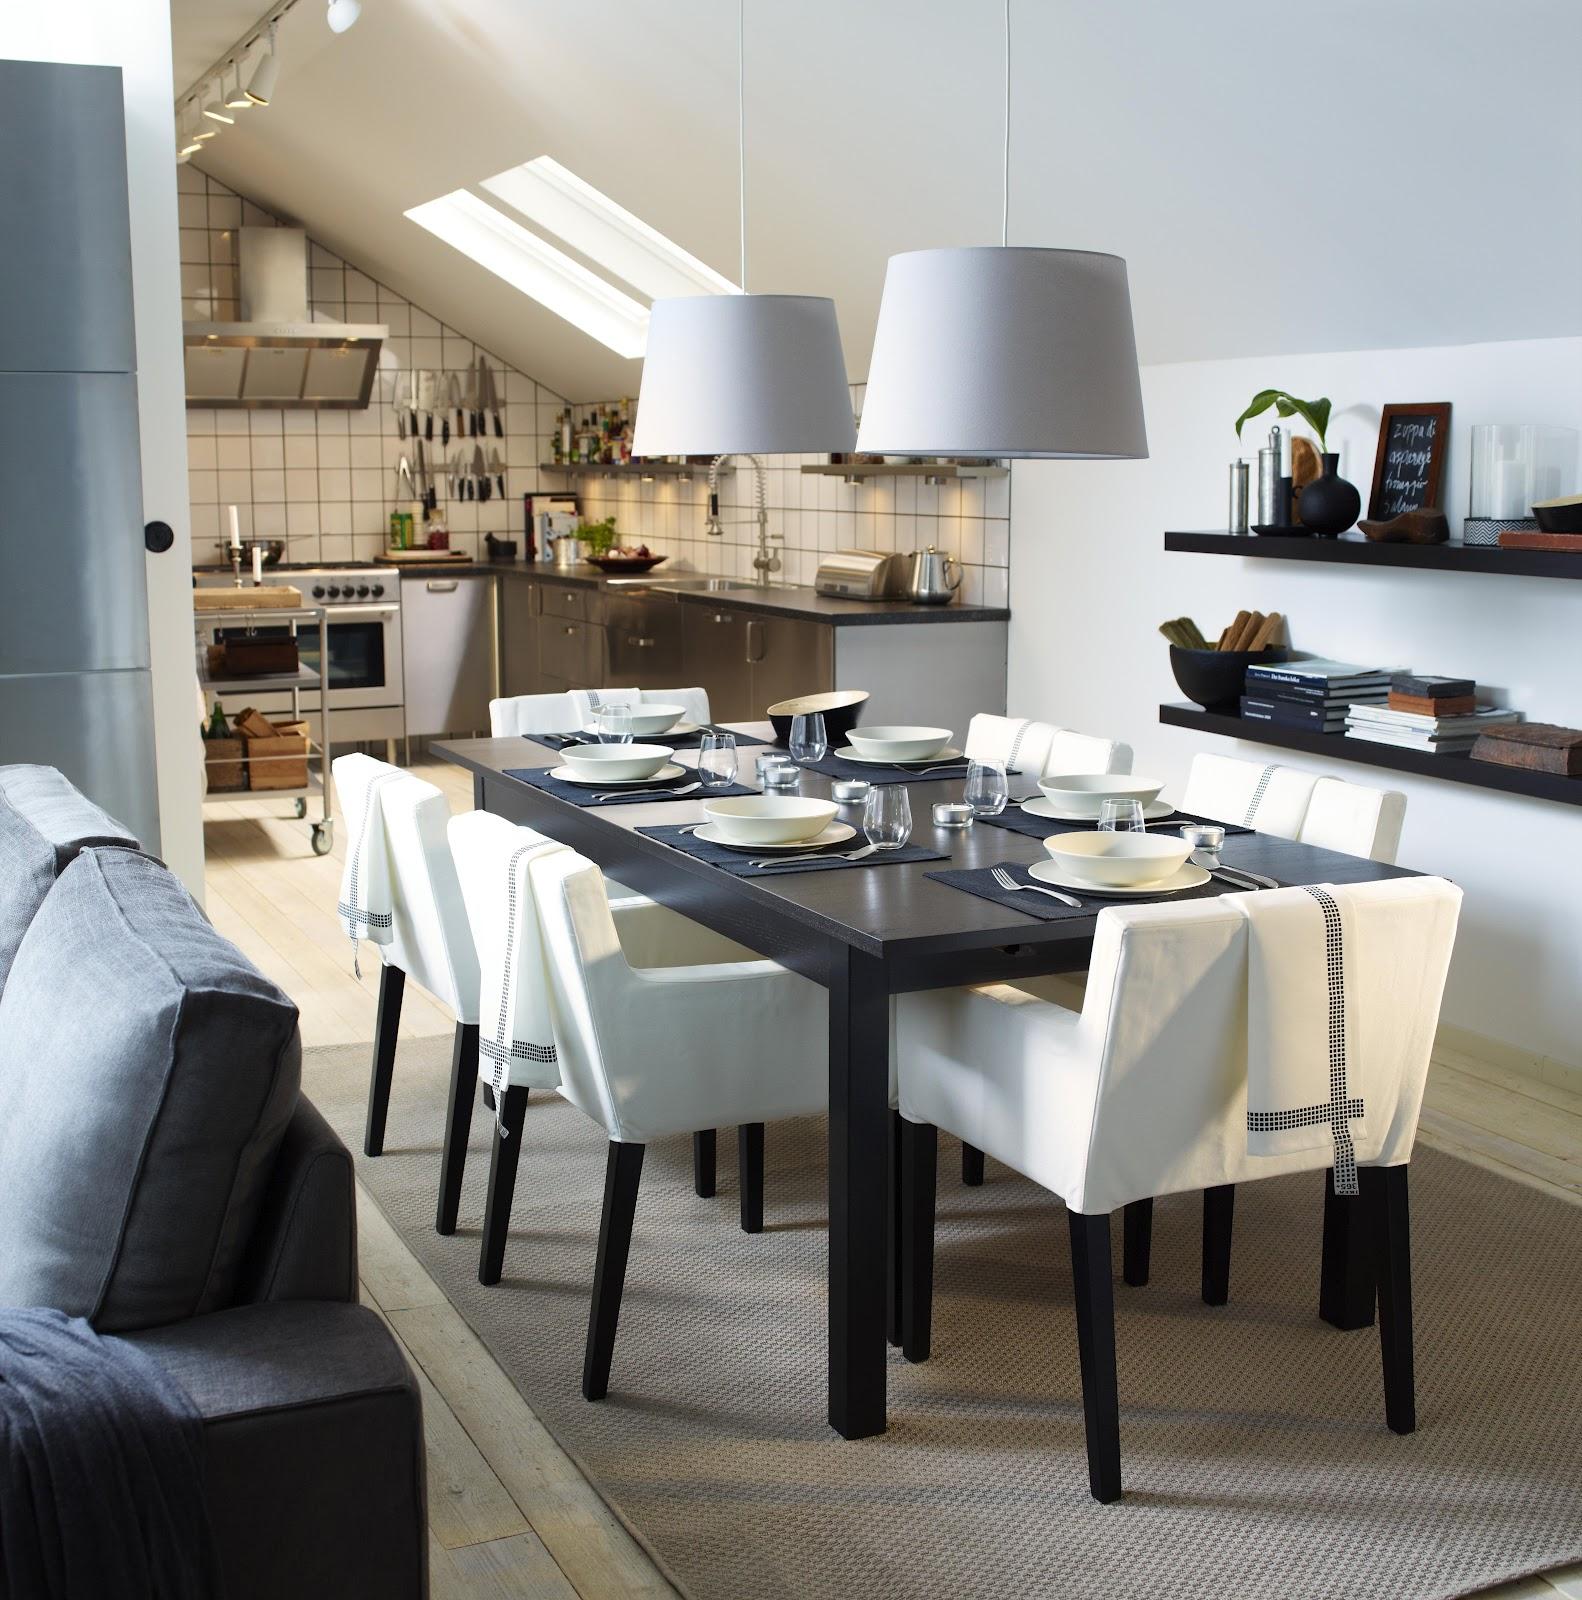 novedades en el cat logo de ikea 2013 sube el estilo y apuesta por los detalles. Black Bedroom Furniture Sets. Home Design Ideas